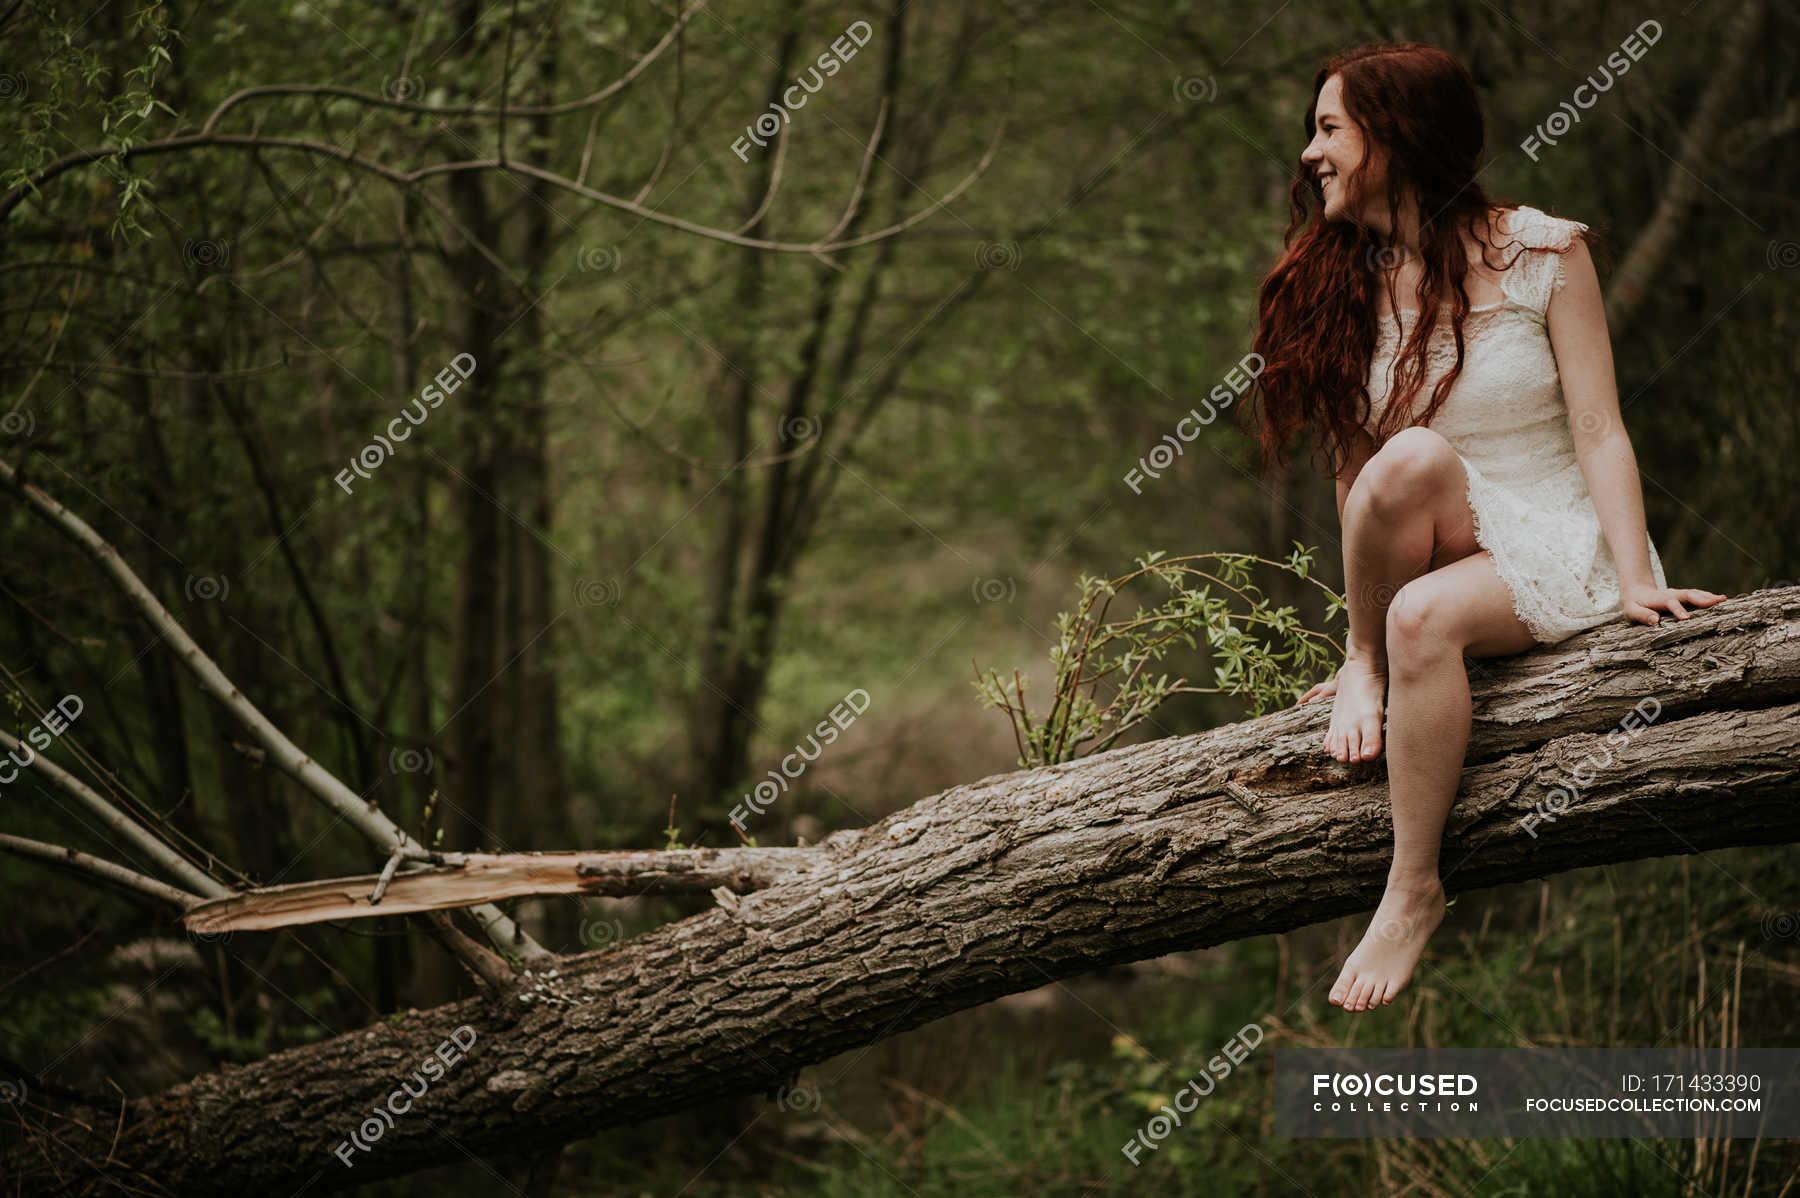 https://st.focusedcollection.com/9163412/i/1800/focused_171433390-stock-photo-cheerful-girl-white-dress-sitting.jpg